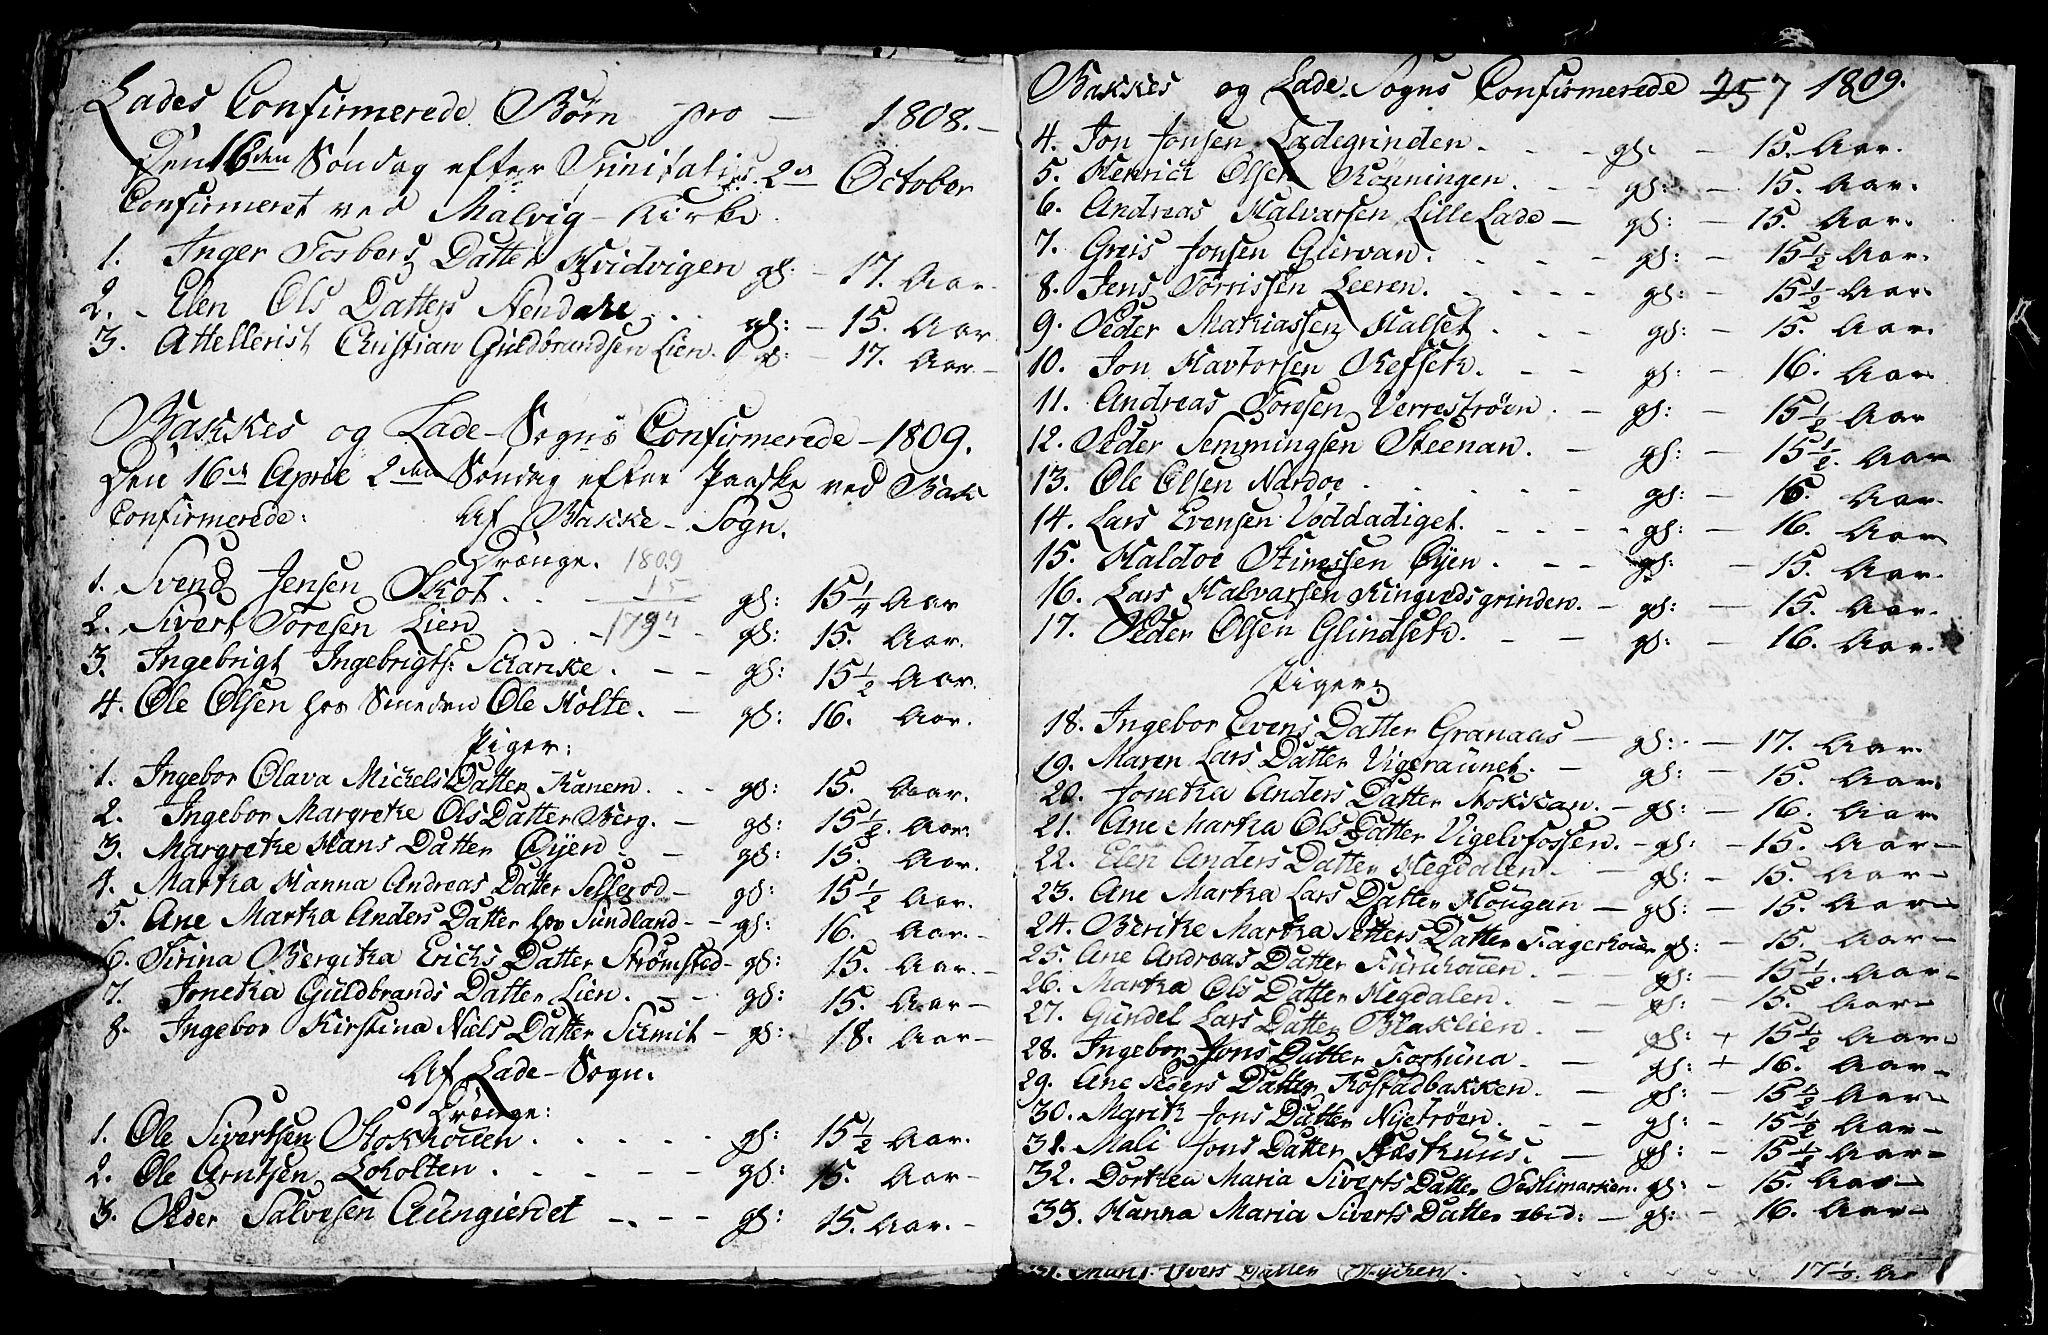 SAT, Ministerialprotokoller, klokkerbøker og fødselsregistre - Sør-Trøndelag, 604/L0218: Klokkerbok nr. 604C01, 1754-1819, s. 257